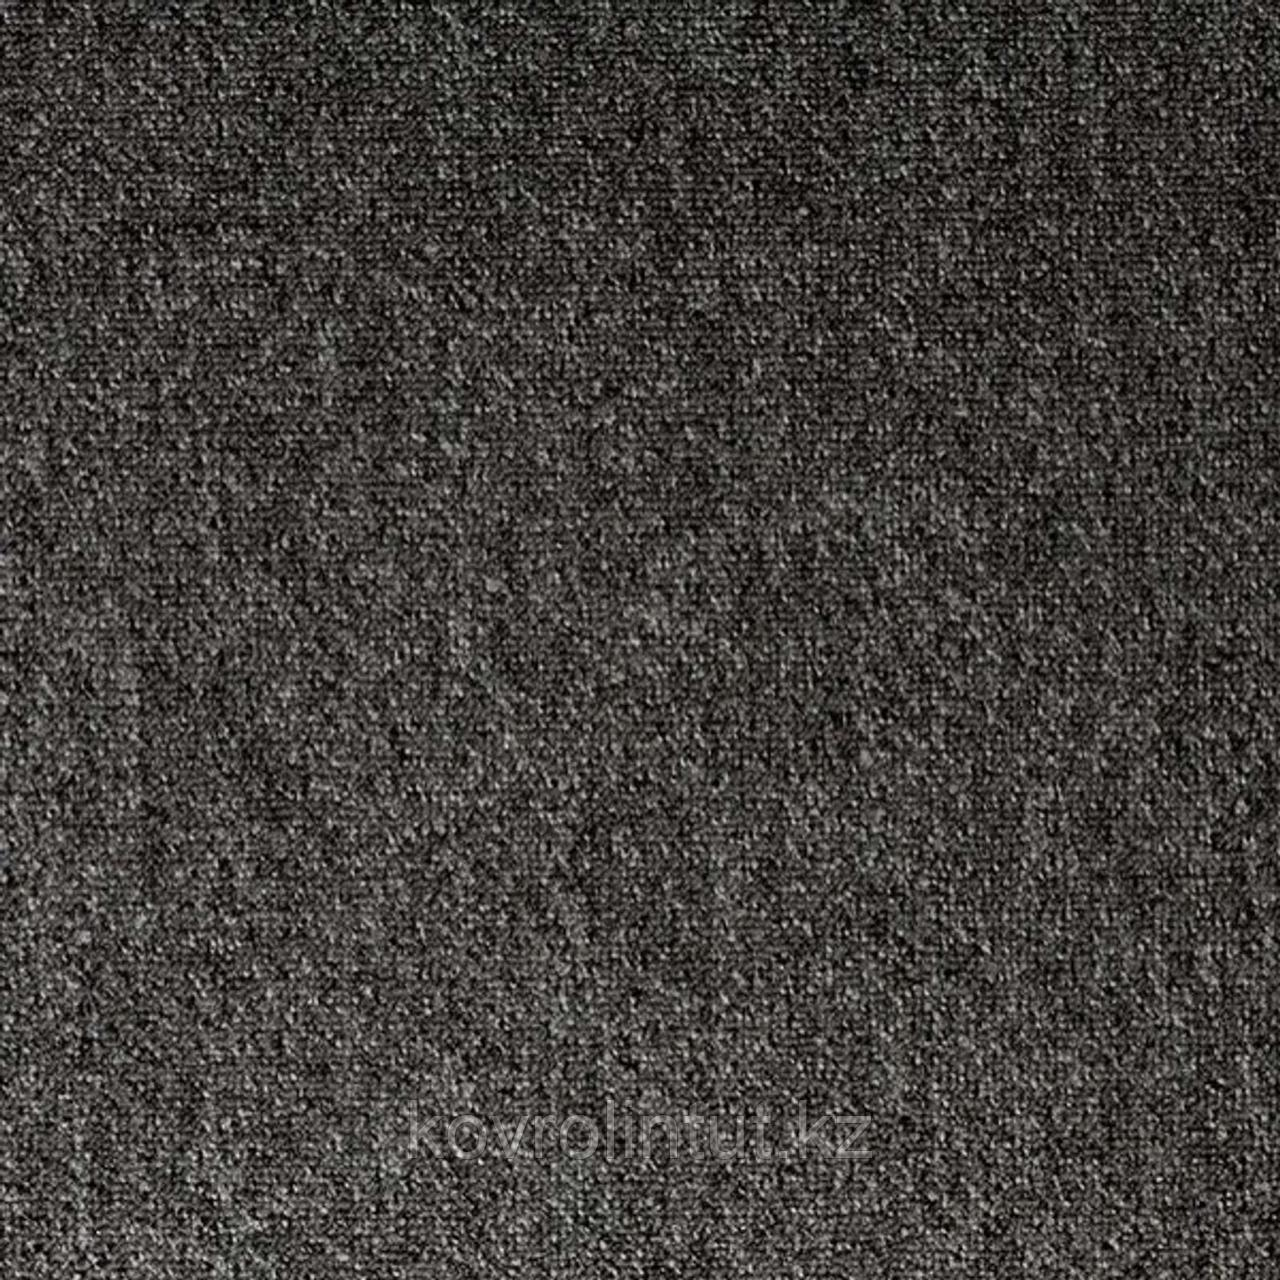 Покрытие ковровое Forza New 3927, 4 м, антрацит, 100%PP